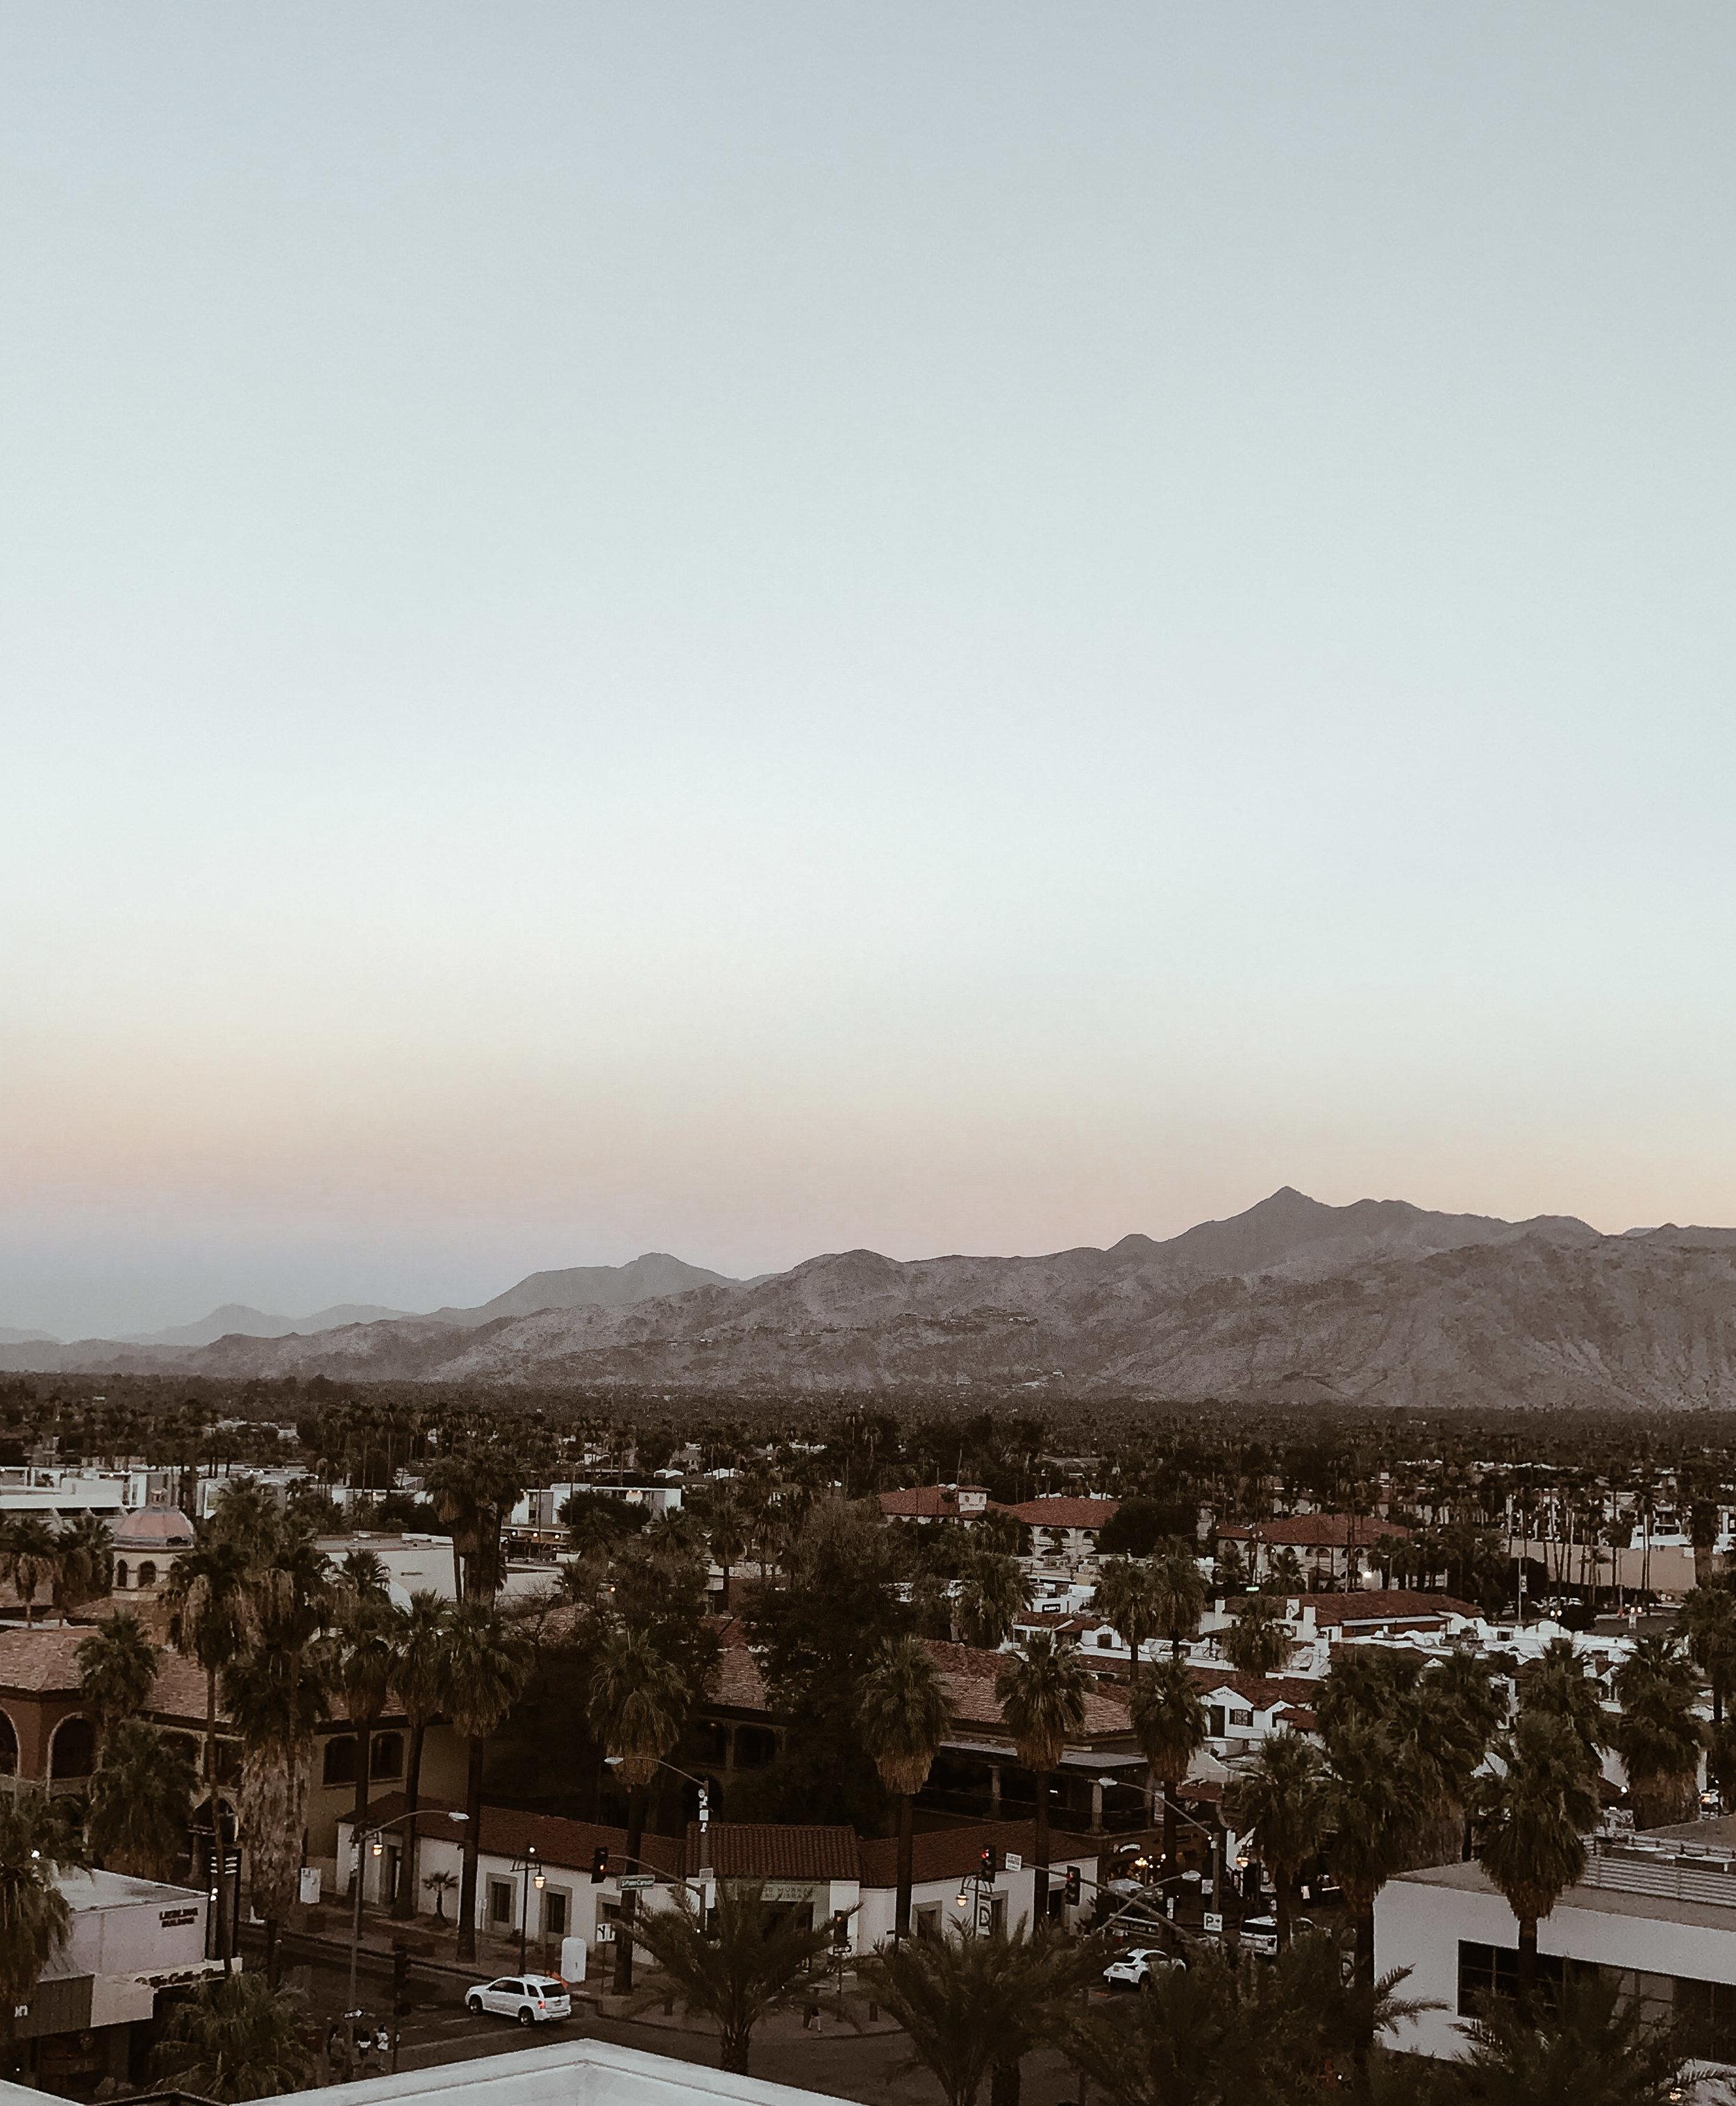 Kimpton Rowan Palm Springs-5.jpg